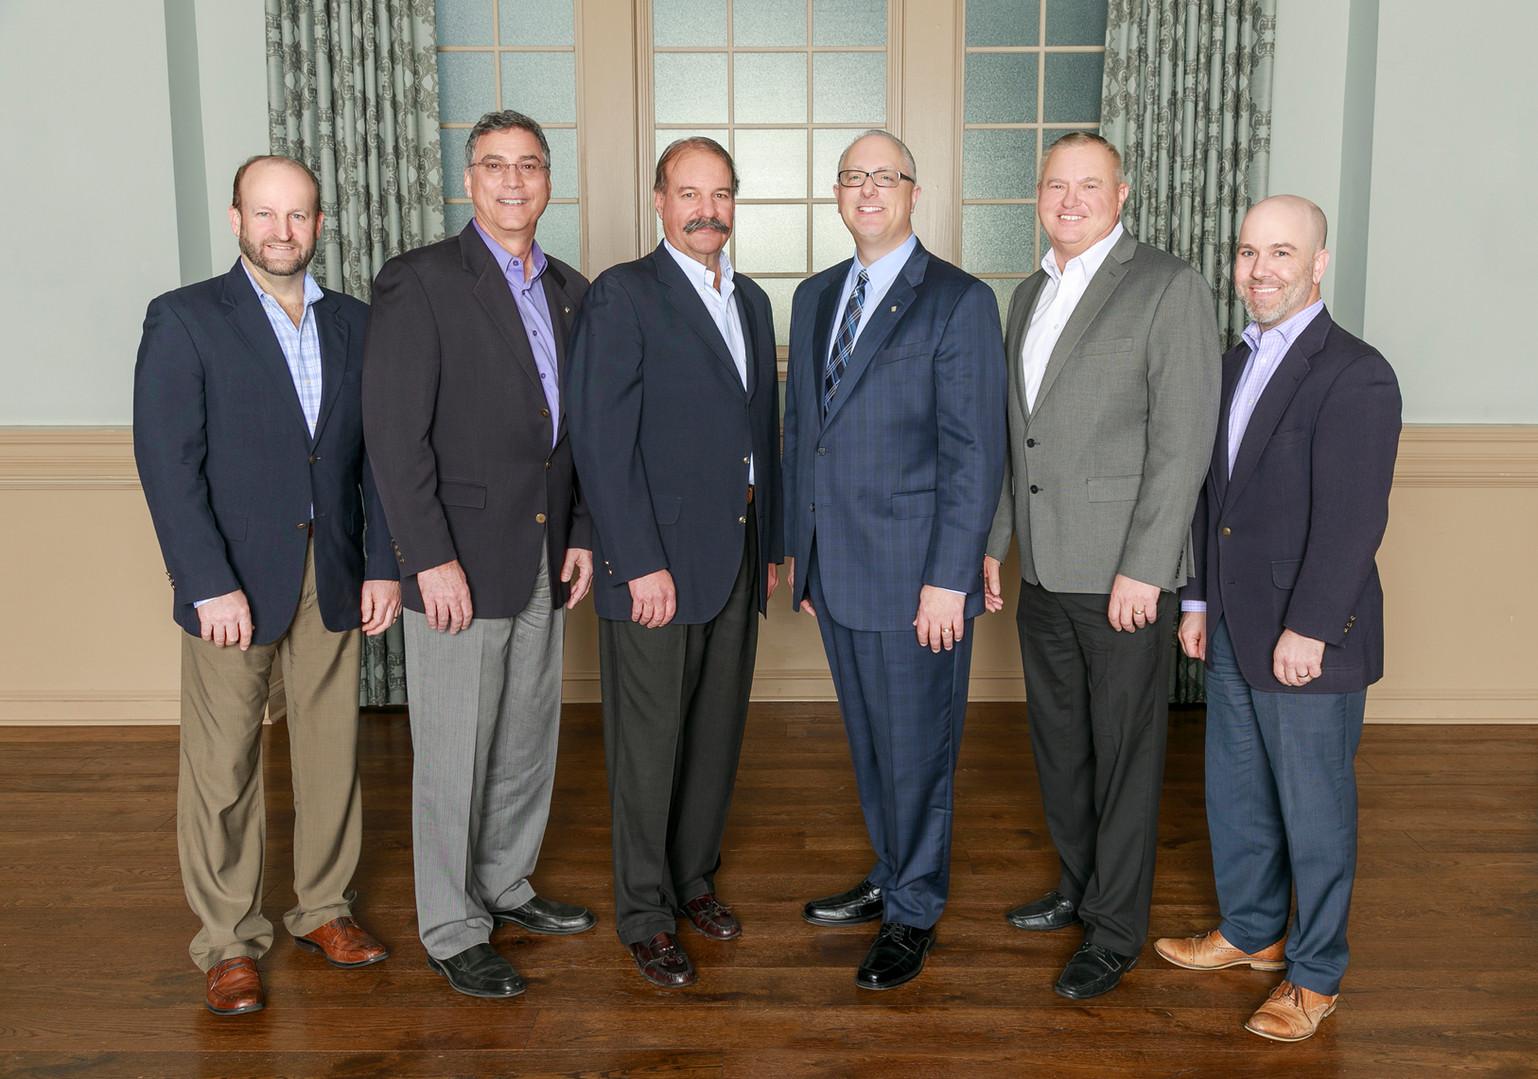 2019_McMahon_Board_Members_-_FINAL.jpg